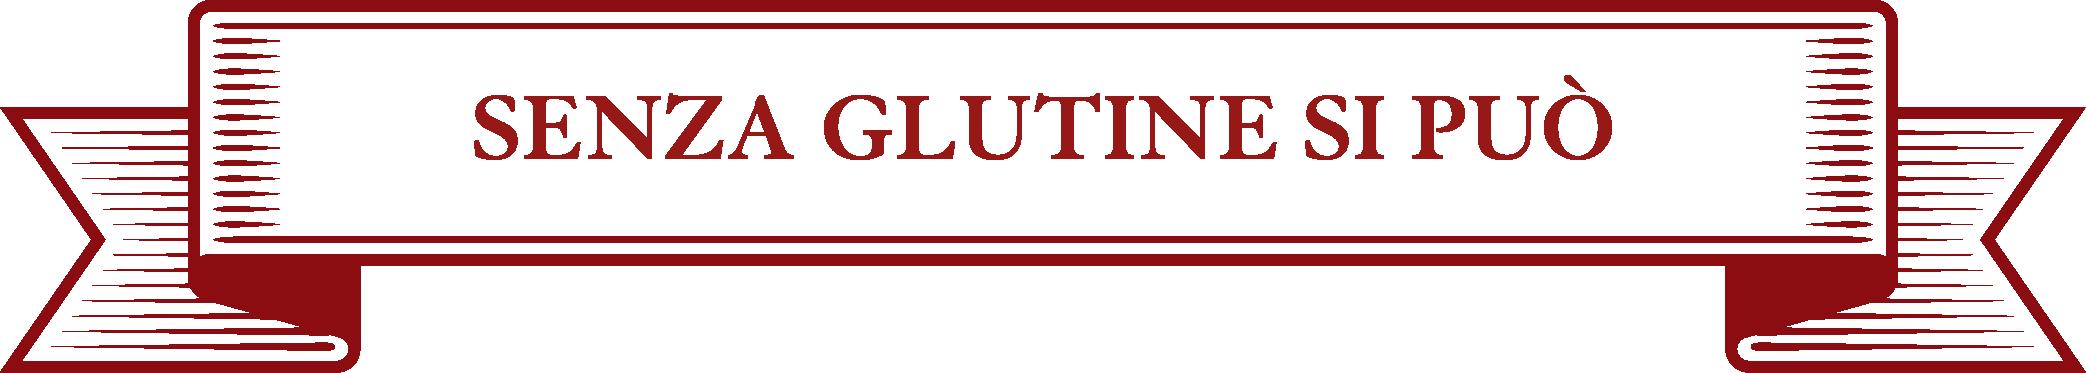 cartiglio senza glutine si può bianco e rosso